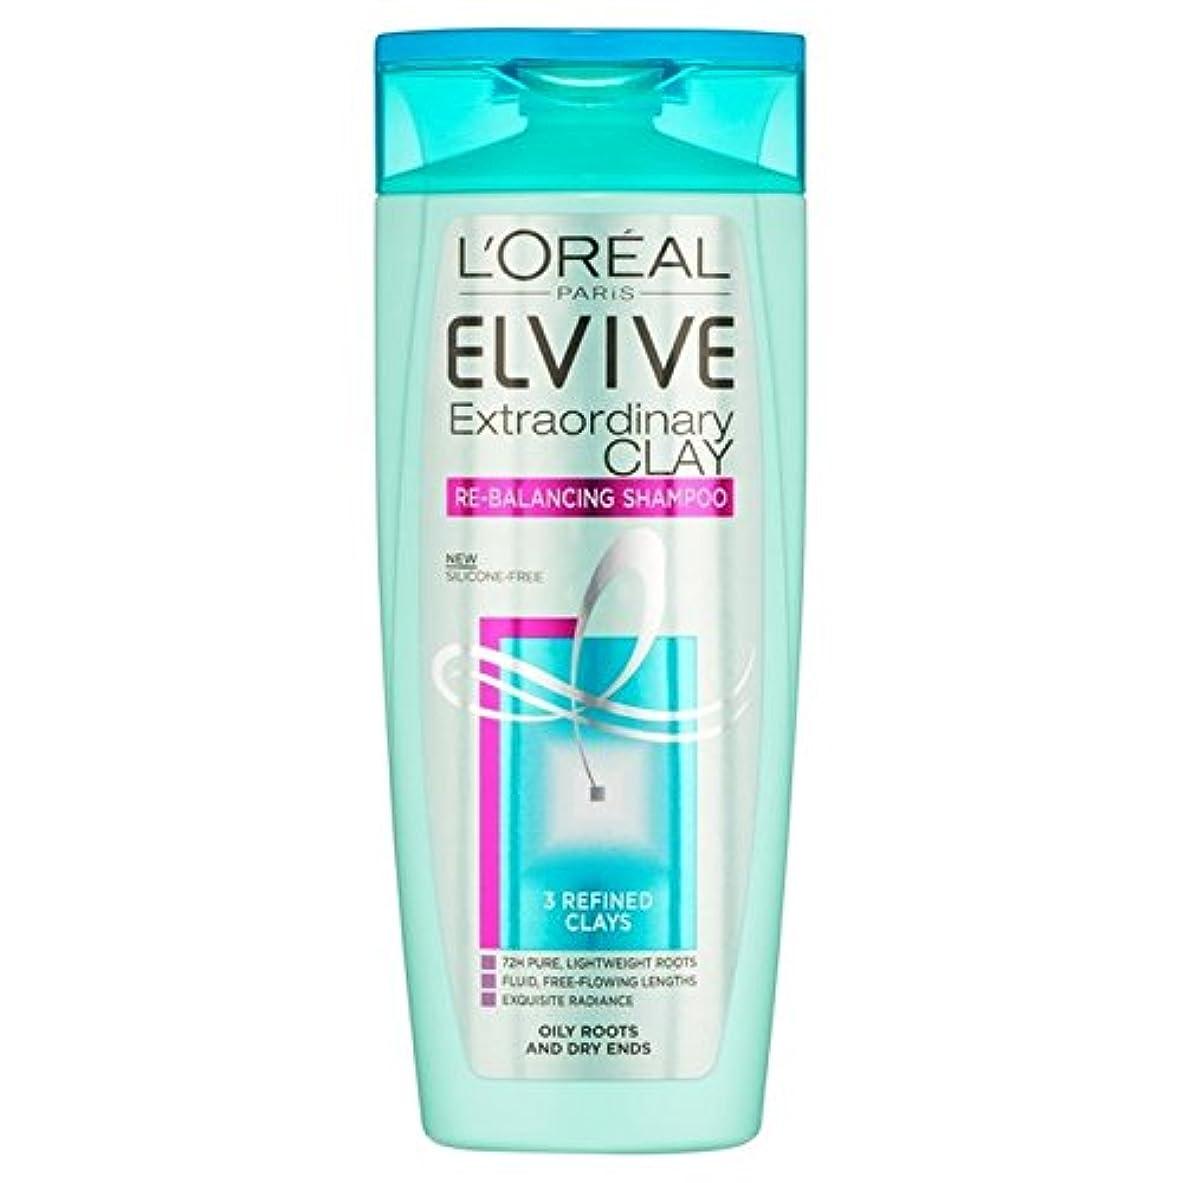 医薬ヘッジ小屋ロレアルパリ臨時粘土再バランシングシャンプー250 x2 - L'Oreal Paris Elvive Extraordinary Clay Re-Balancing Shampoo 250ml (Pack of 2) [並行輸入品]